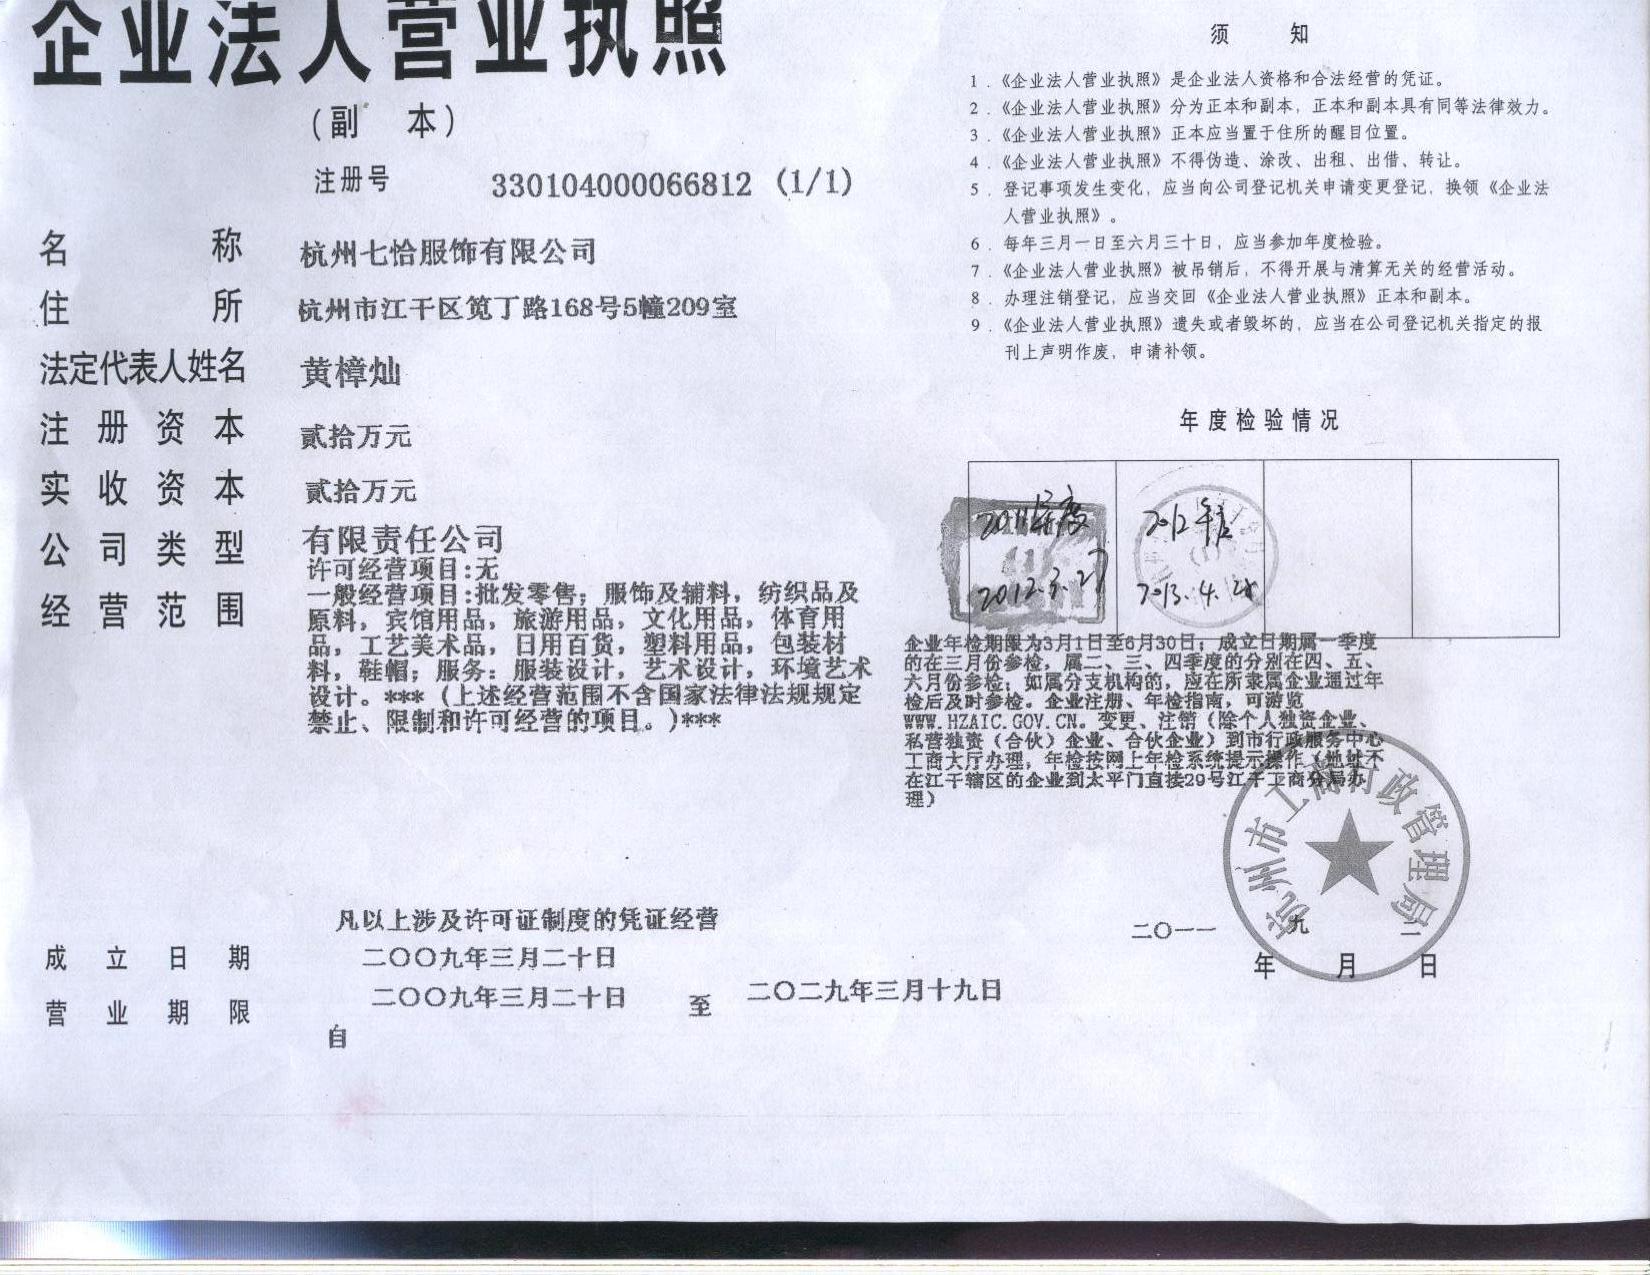 杭州七恰服飾有限公司企業檔案